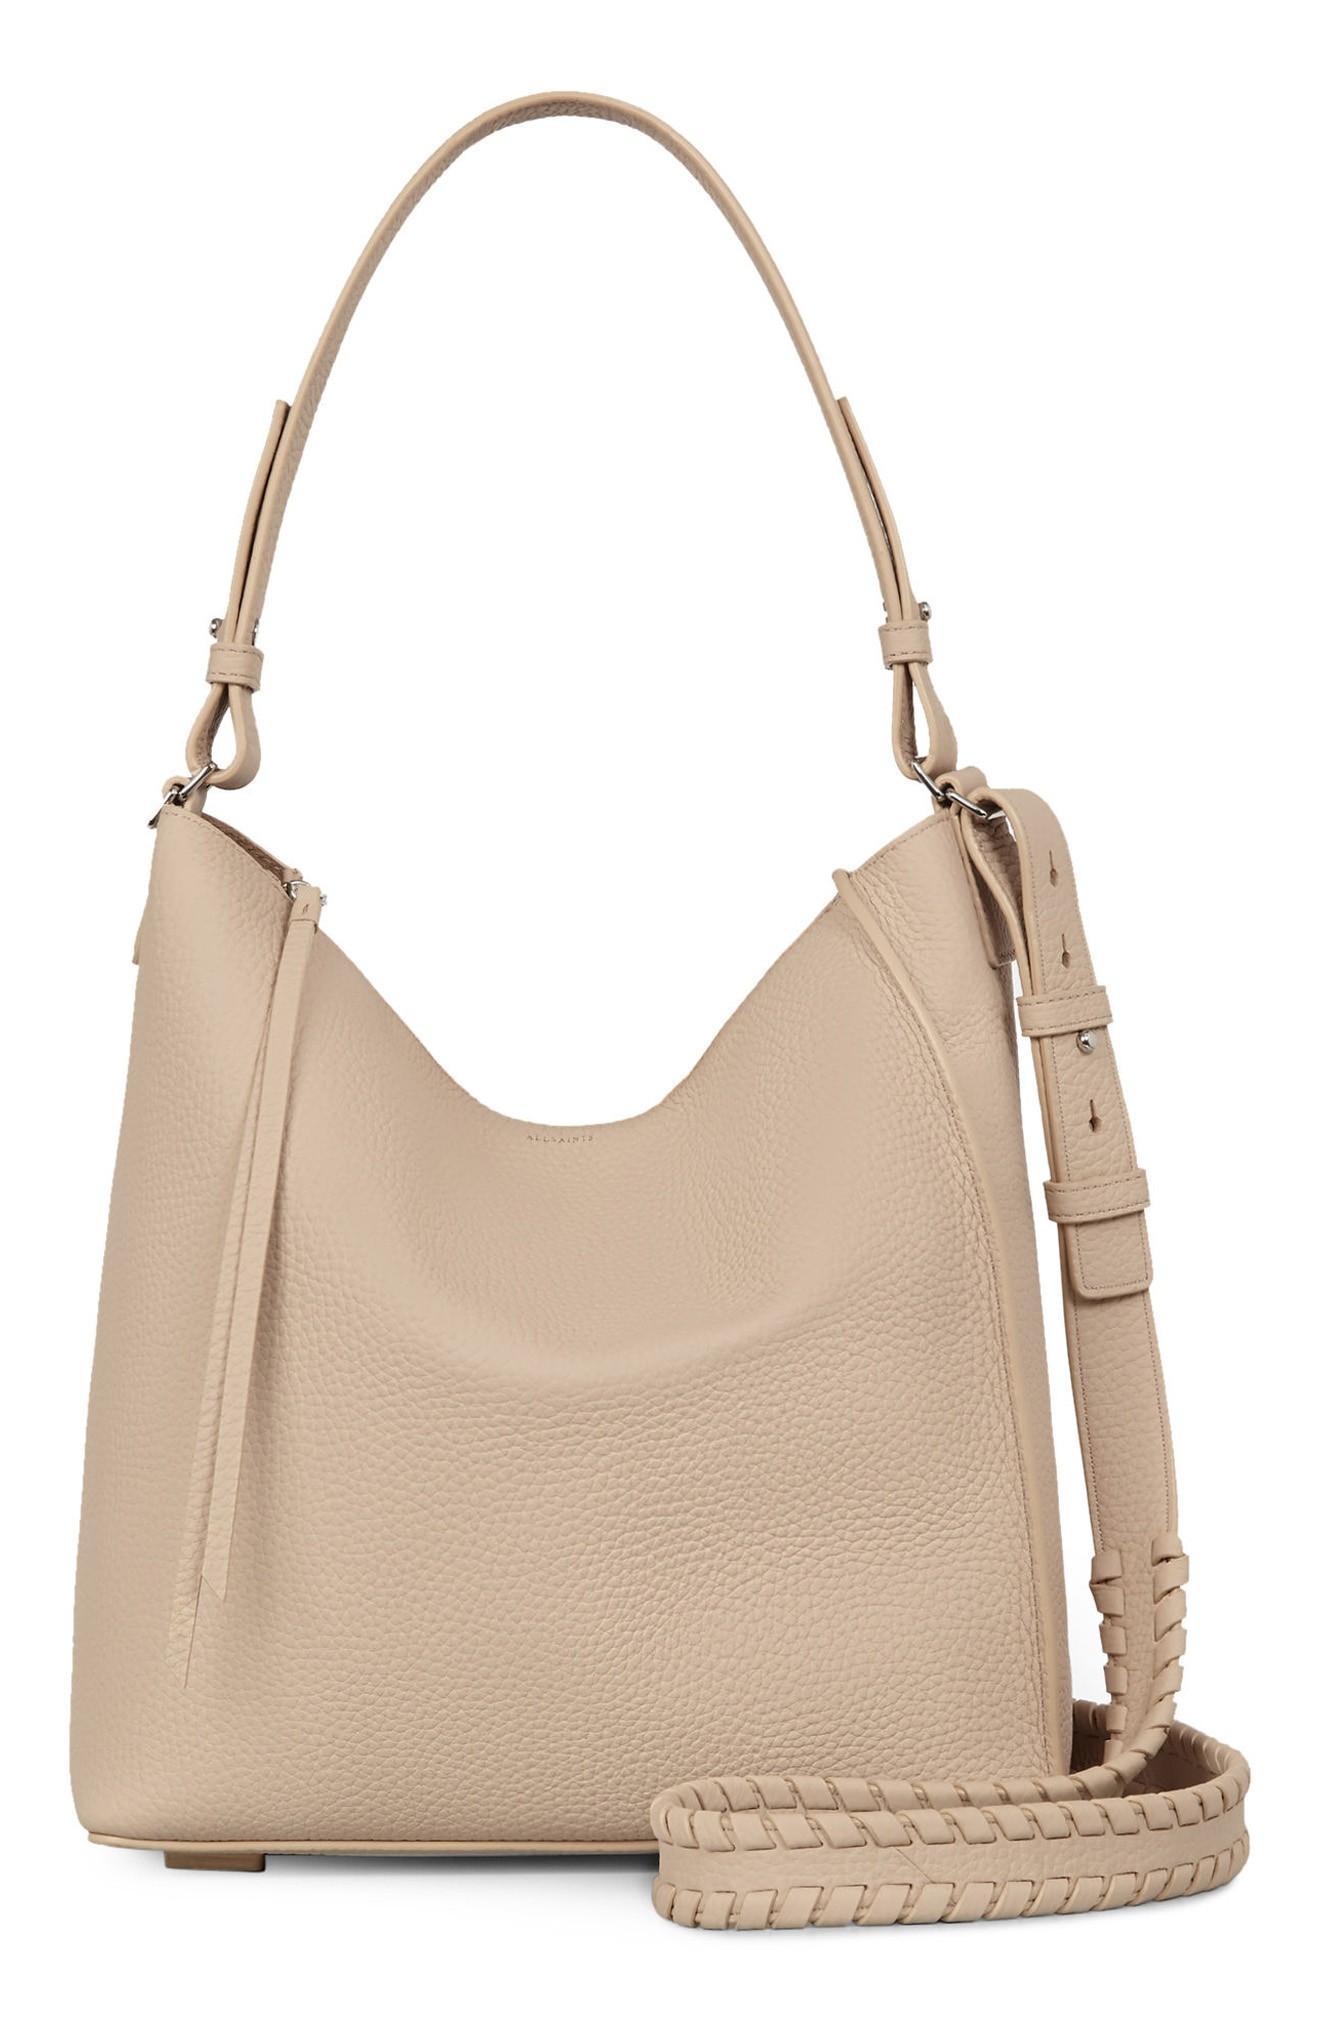 0017cfbcd845c4 Allsaints 'Kita' Leather Shoulder/Crossbody Bag - Beige In Natural ...